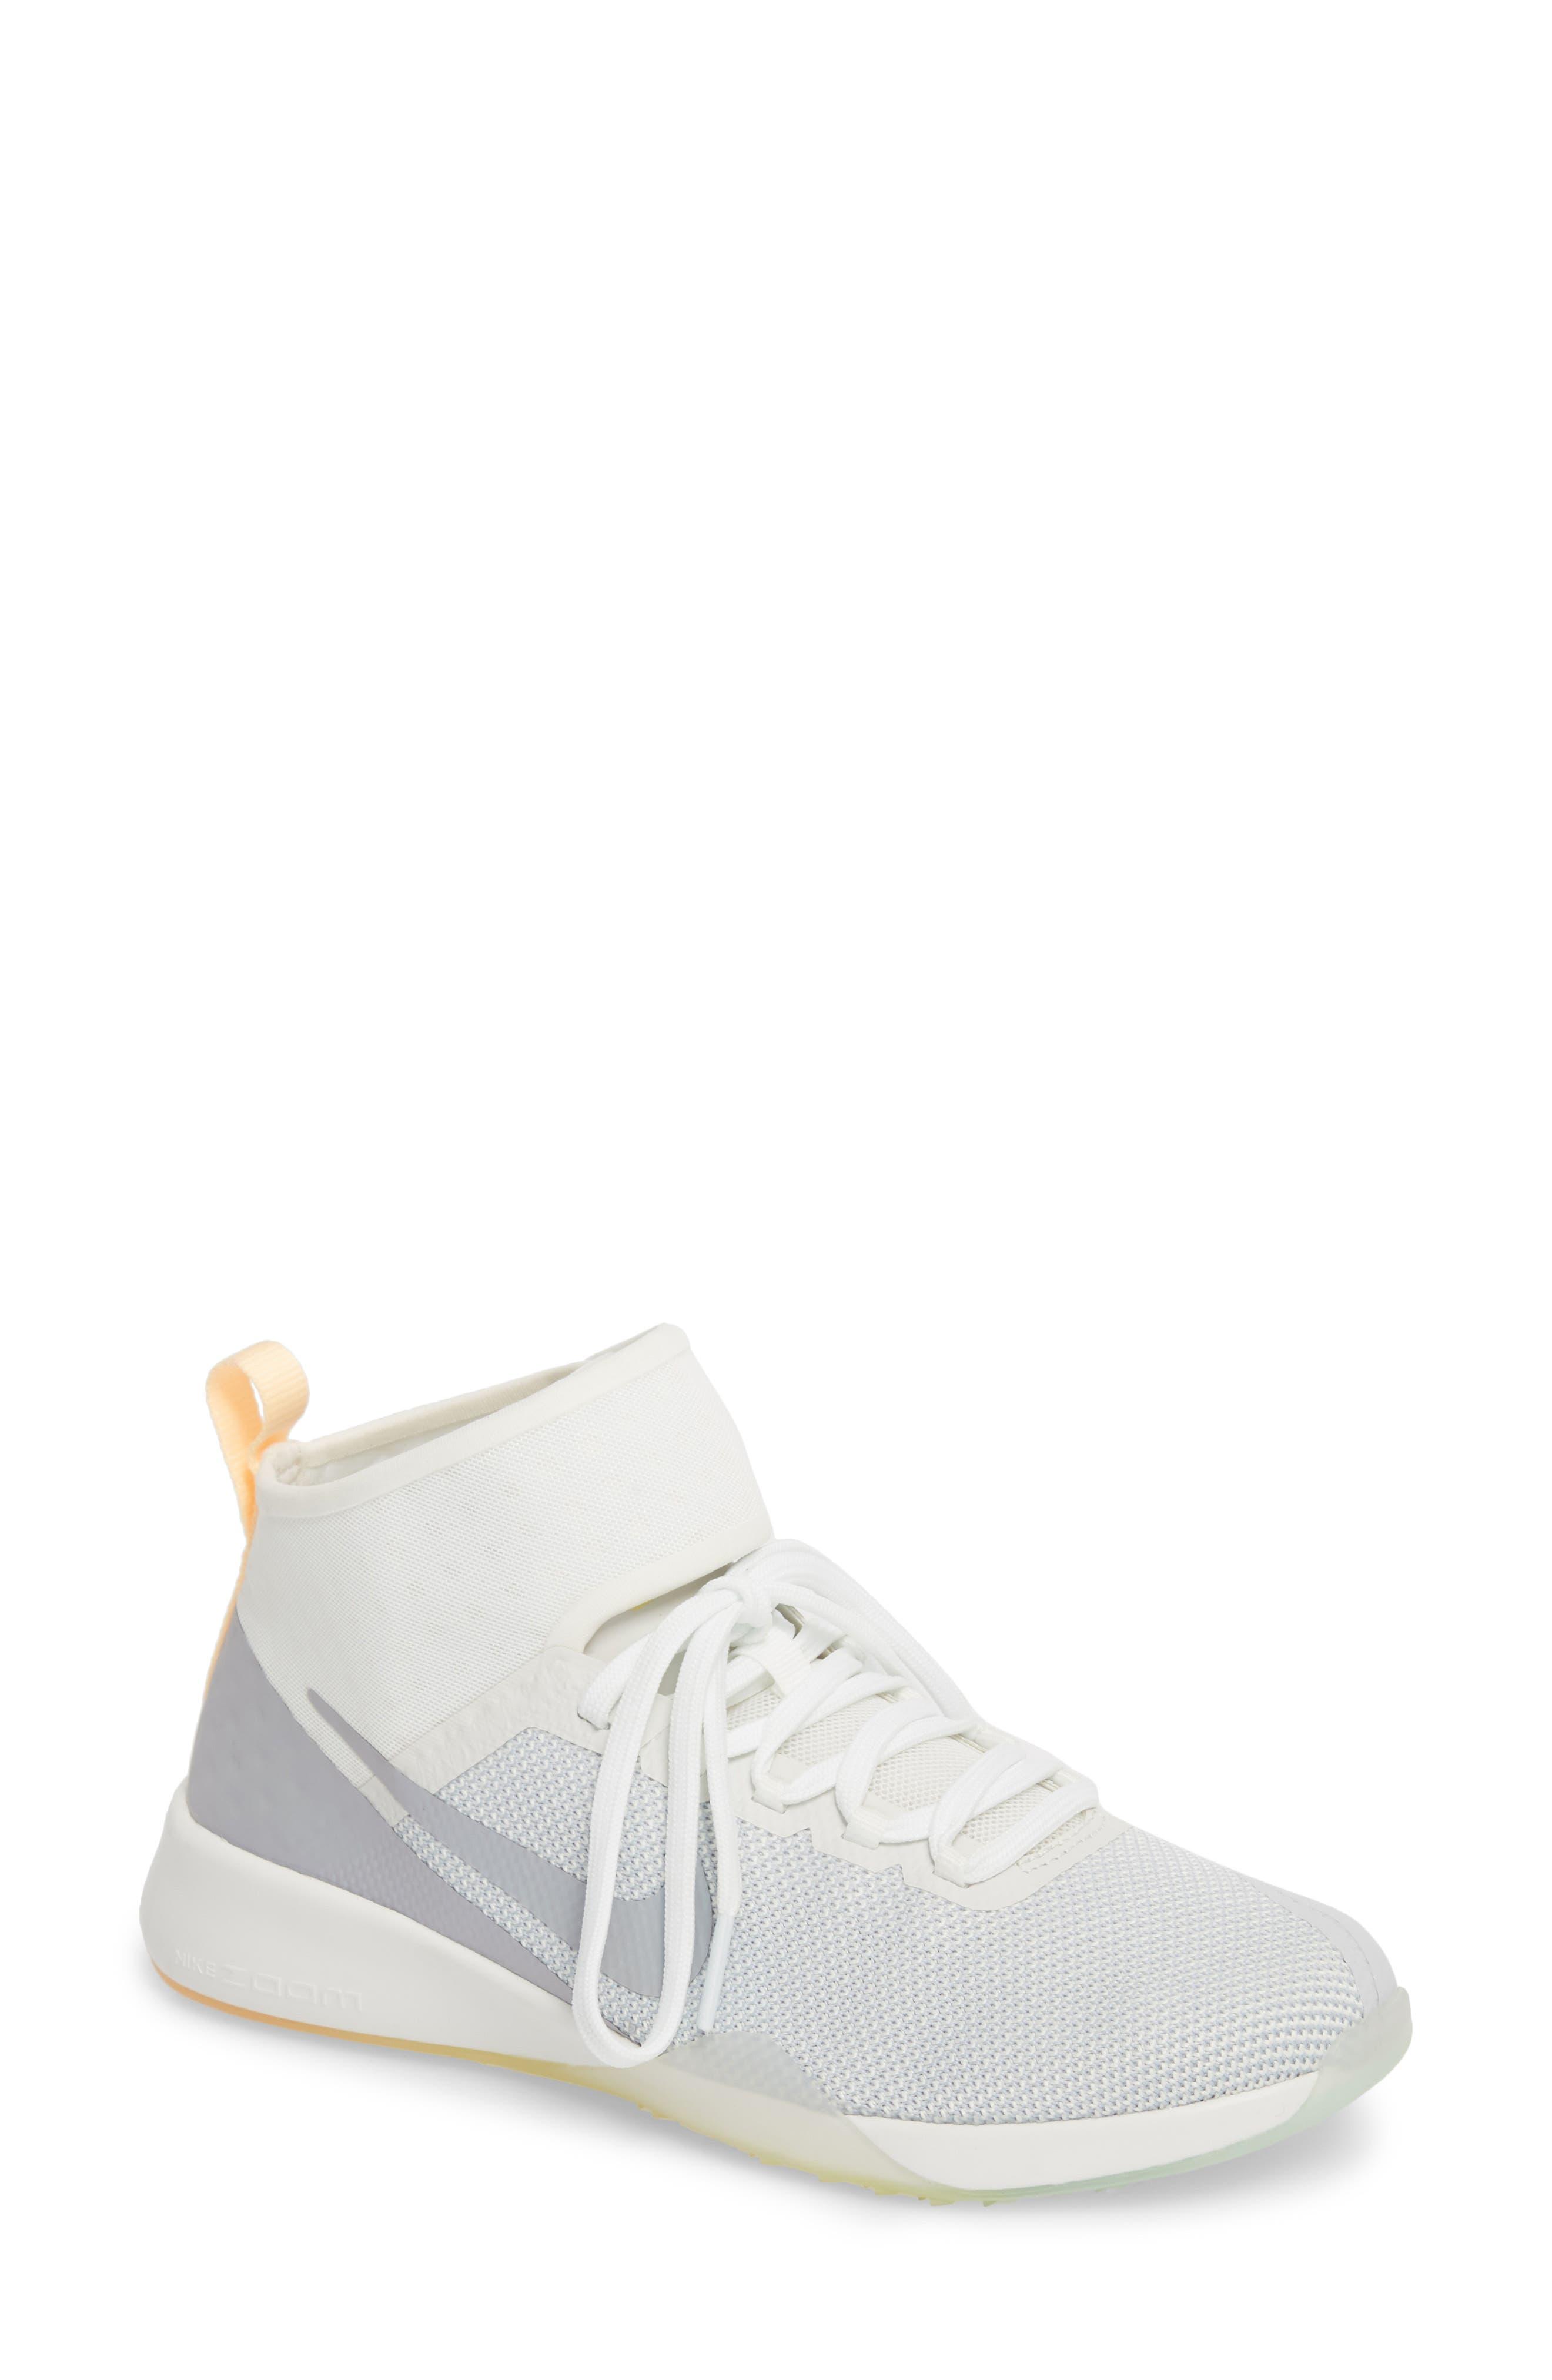 Nike Air Zoom Strong 2 Rise Training Shoe (Women)